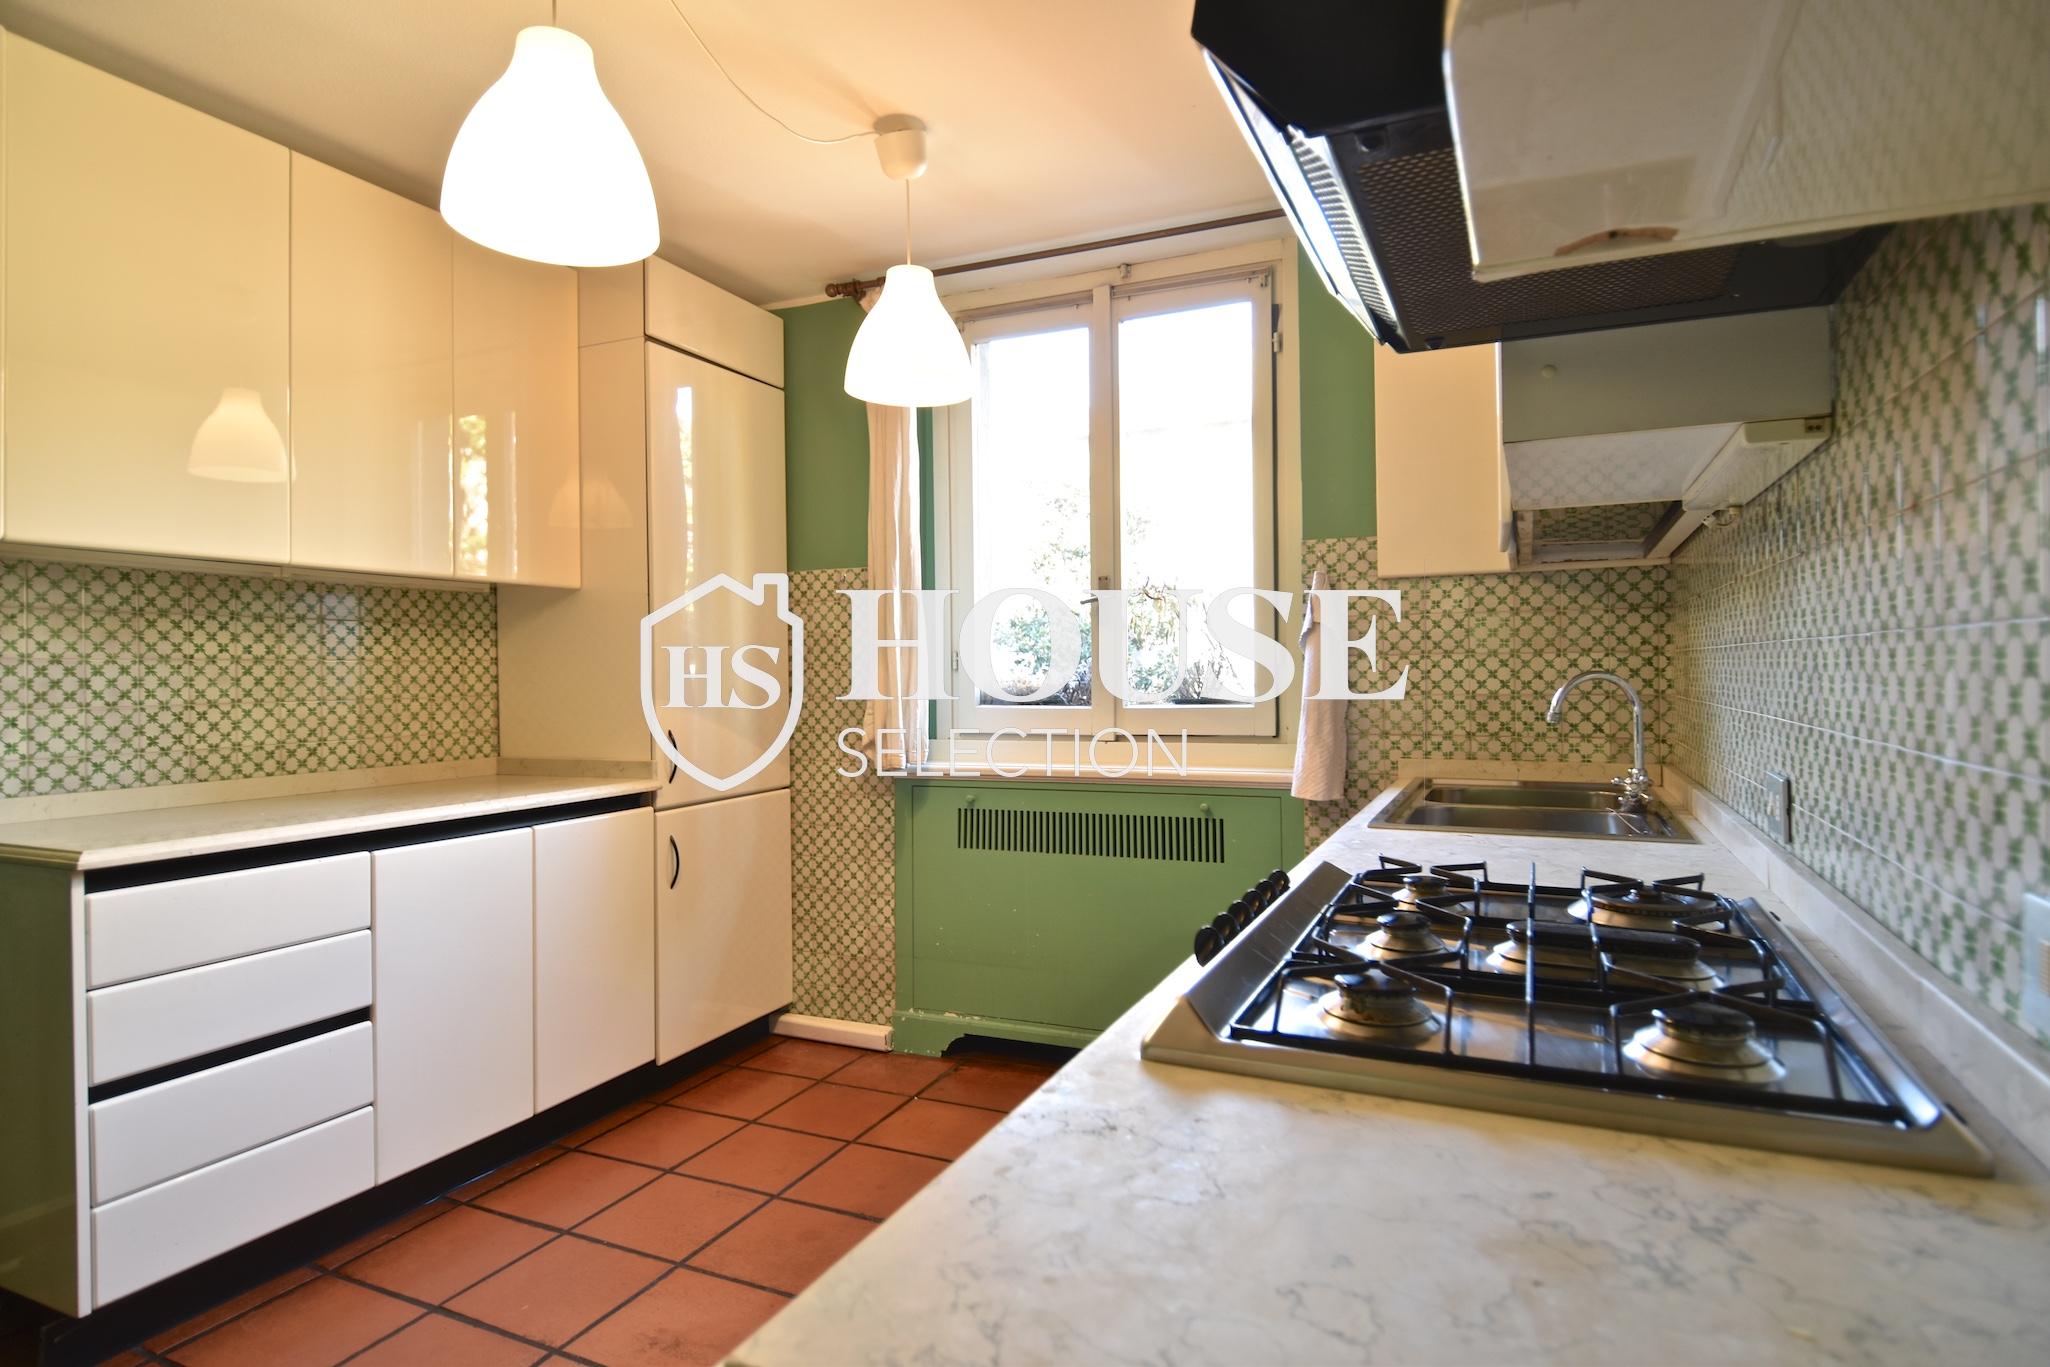 Affitto attico trilocale con terrazzino, via Archimede, tranquillo e luminoso, Milano 5